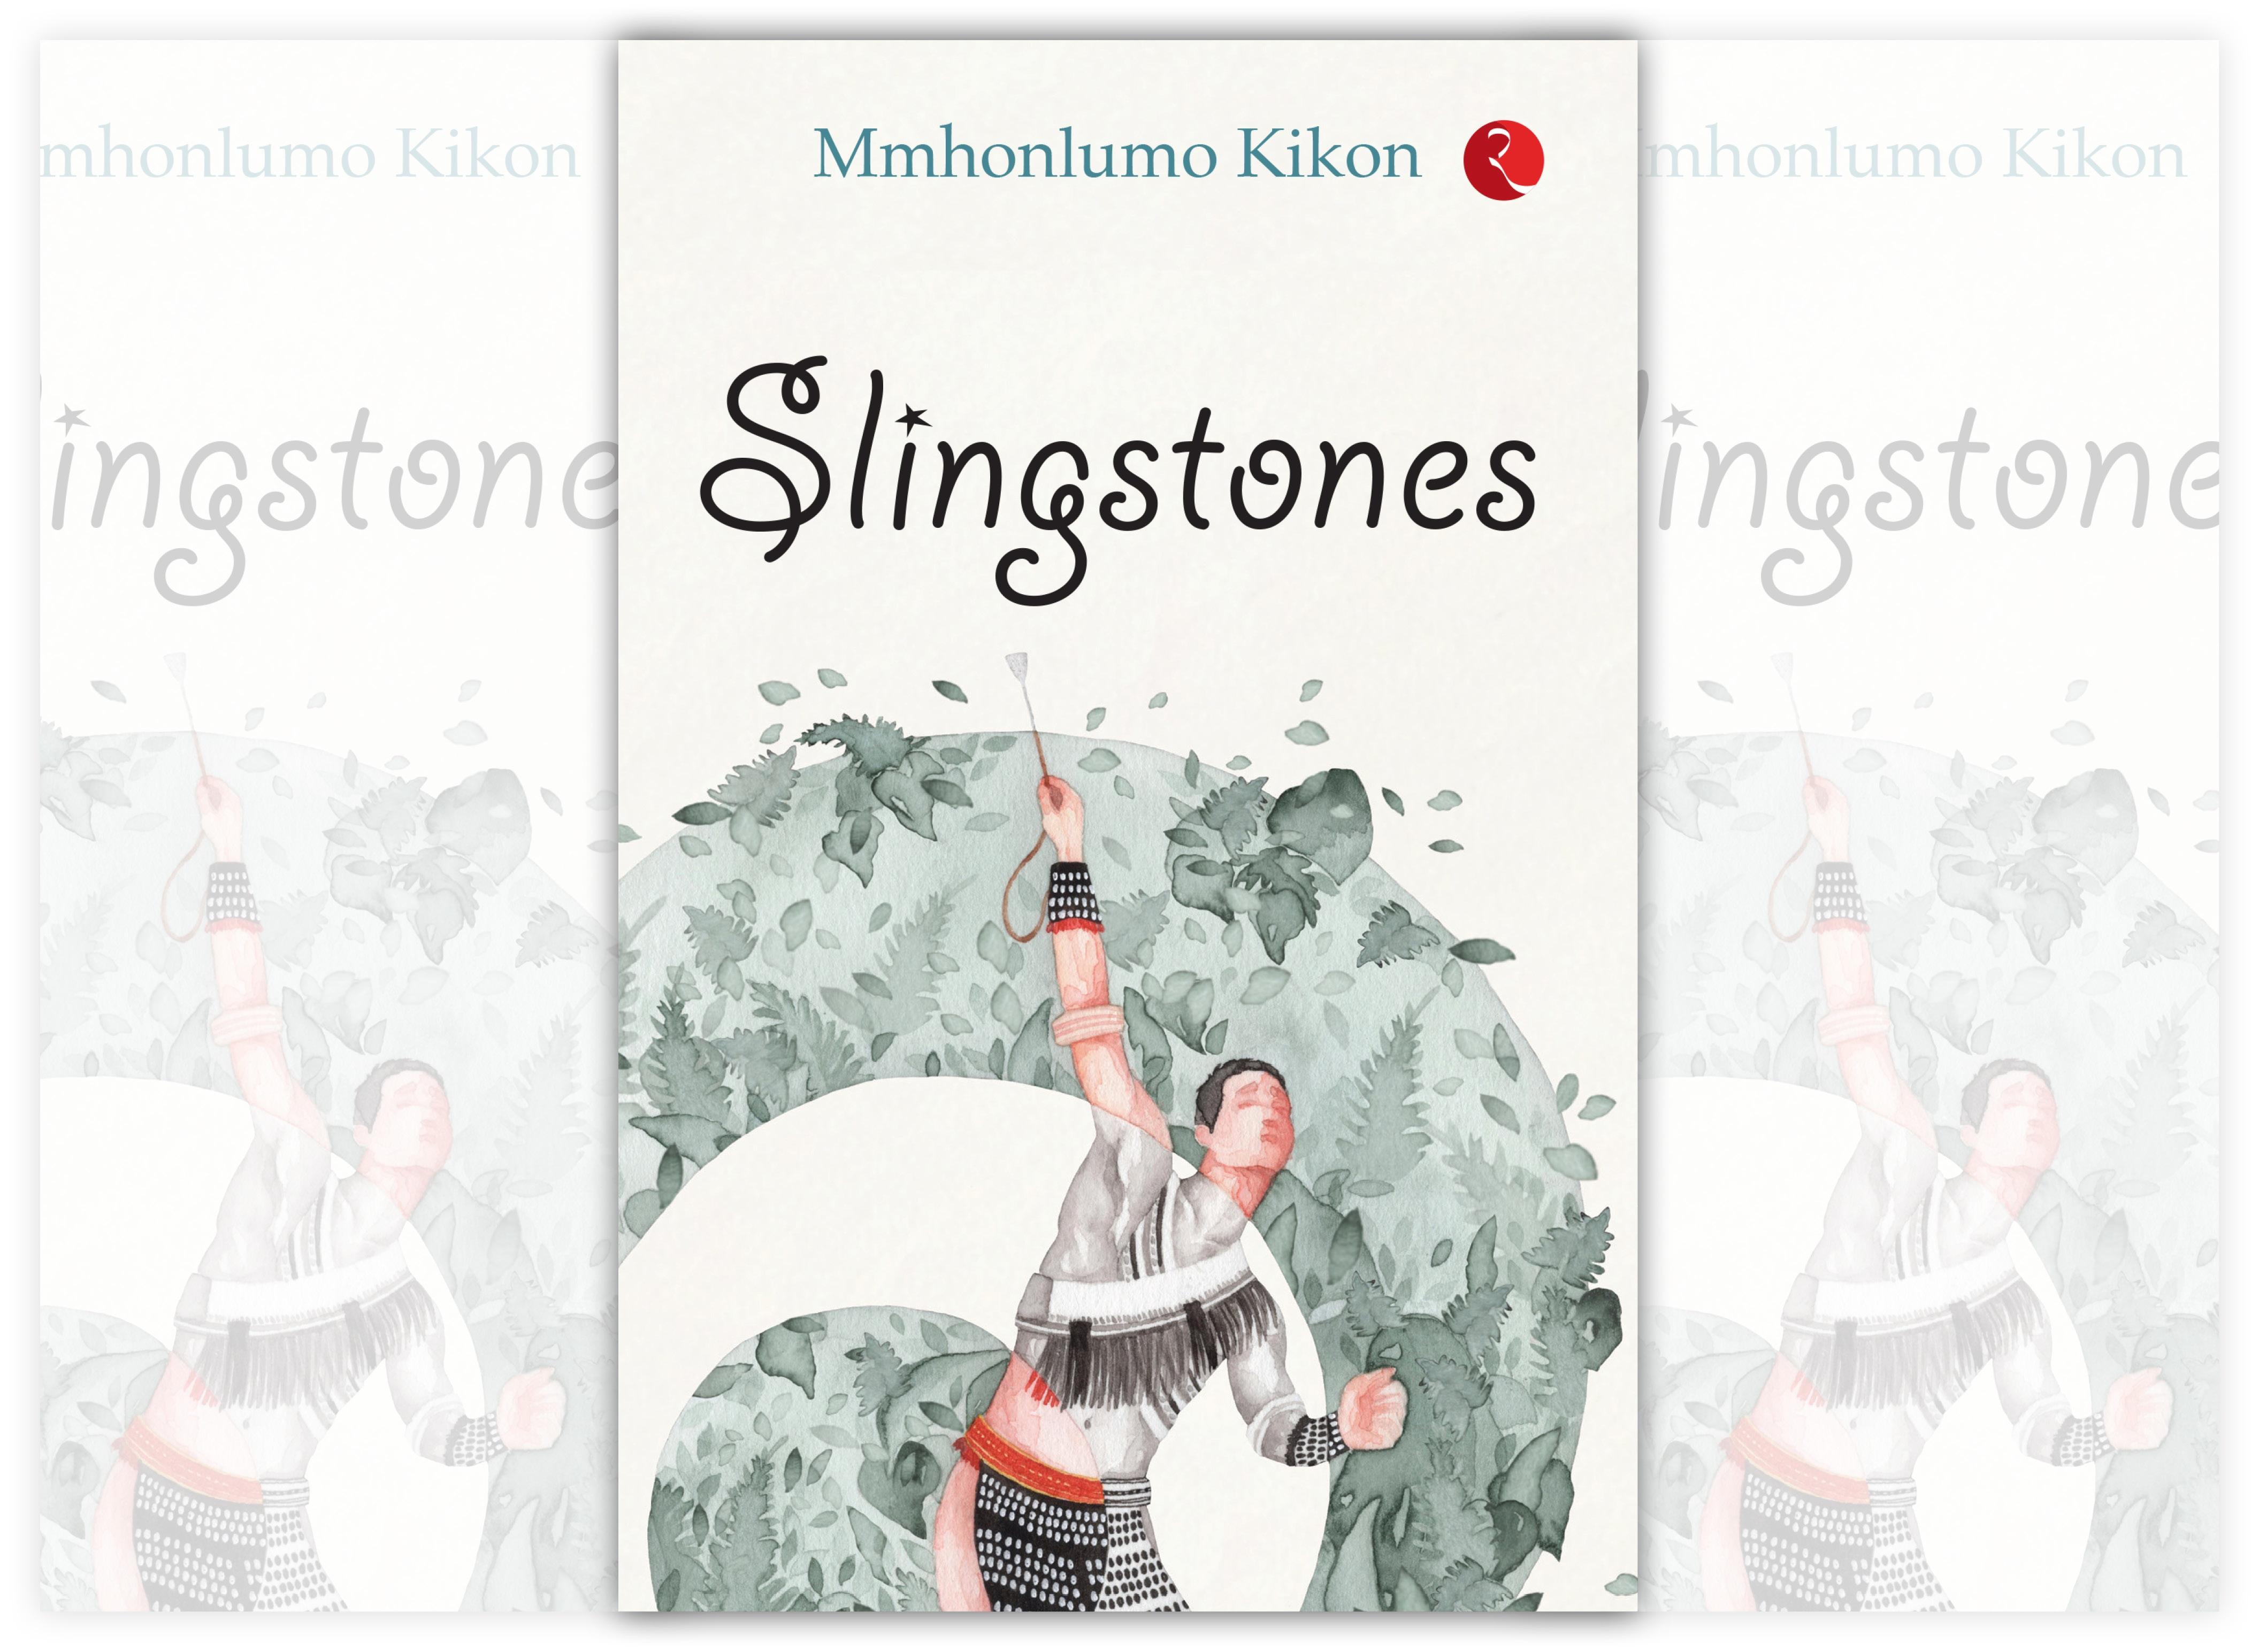 मम्होनलुमो किकॉन की कविताओं की तीसरी पुस्तक